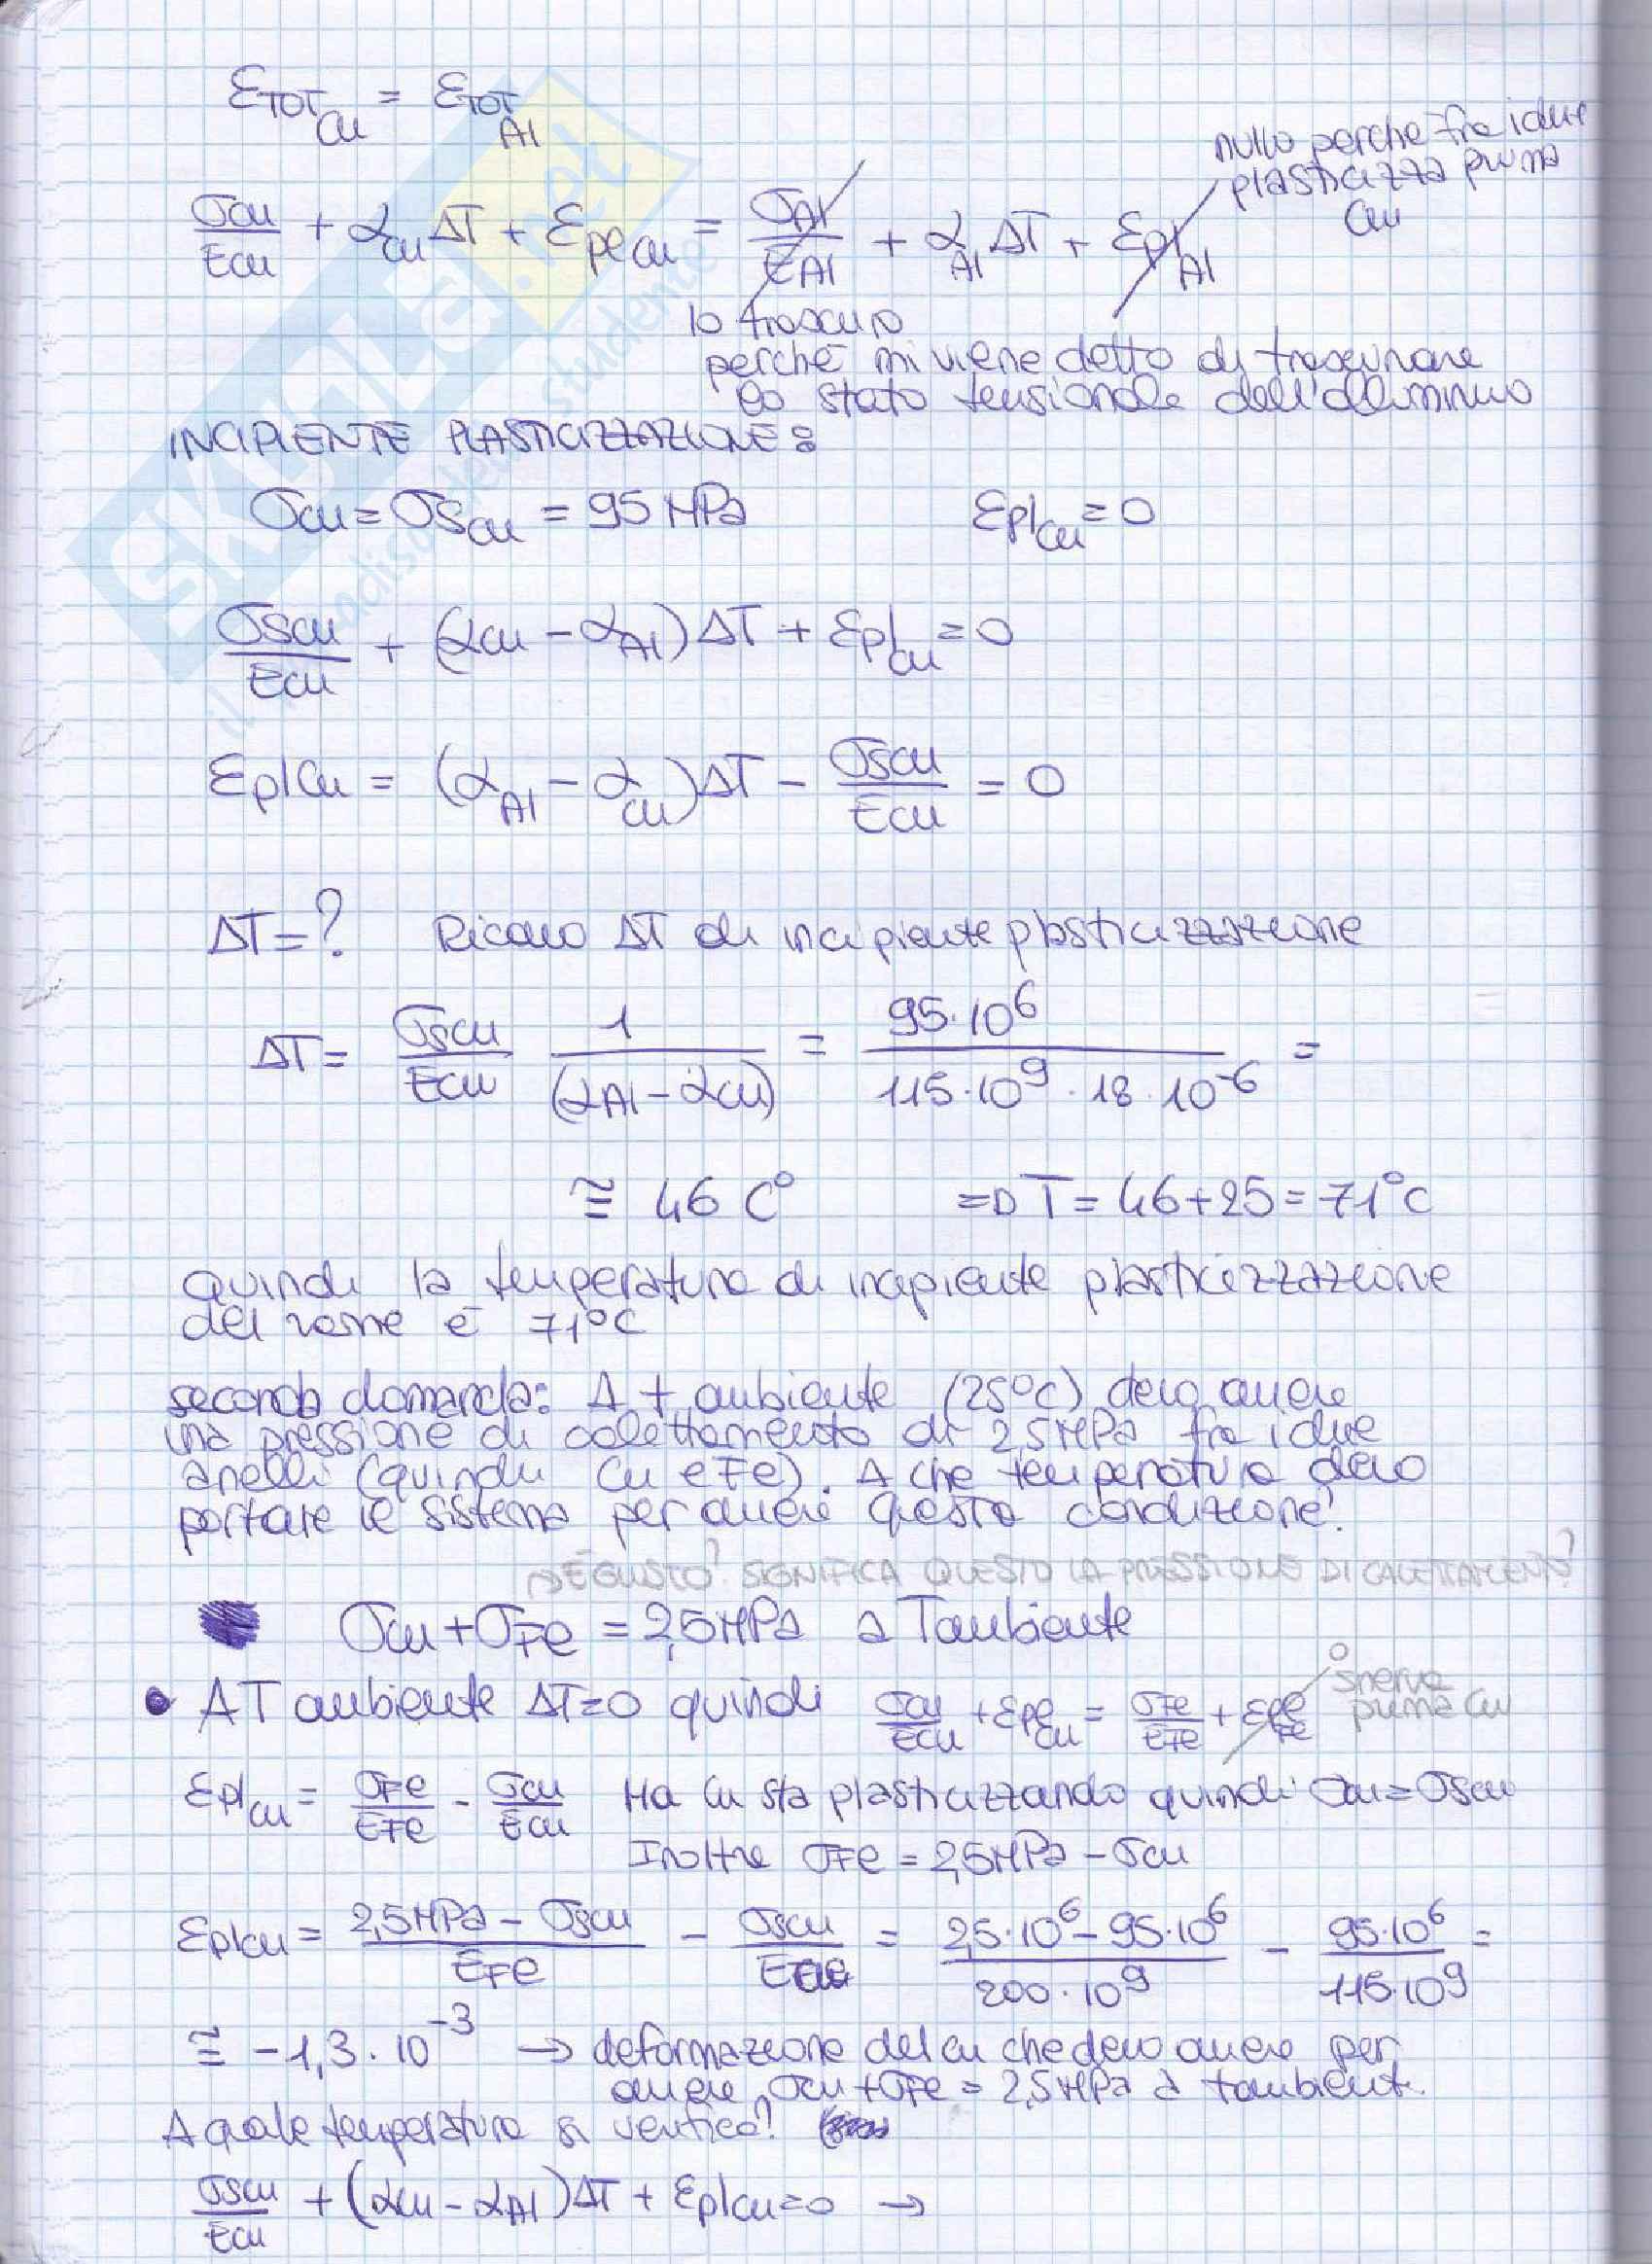 Elementi costruttivi delle macchine - Esercizi esame svolti Pag. 46